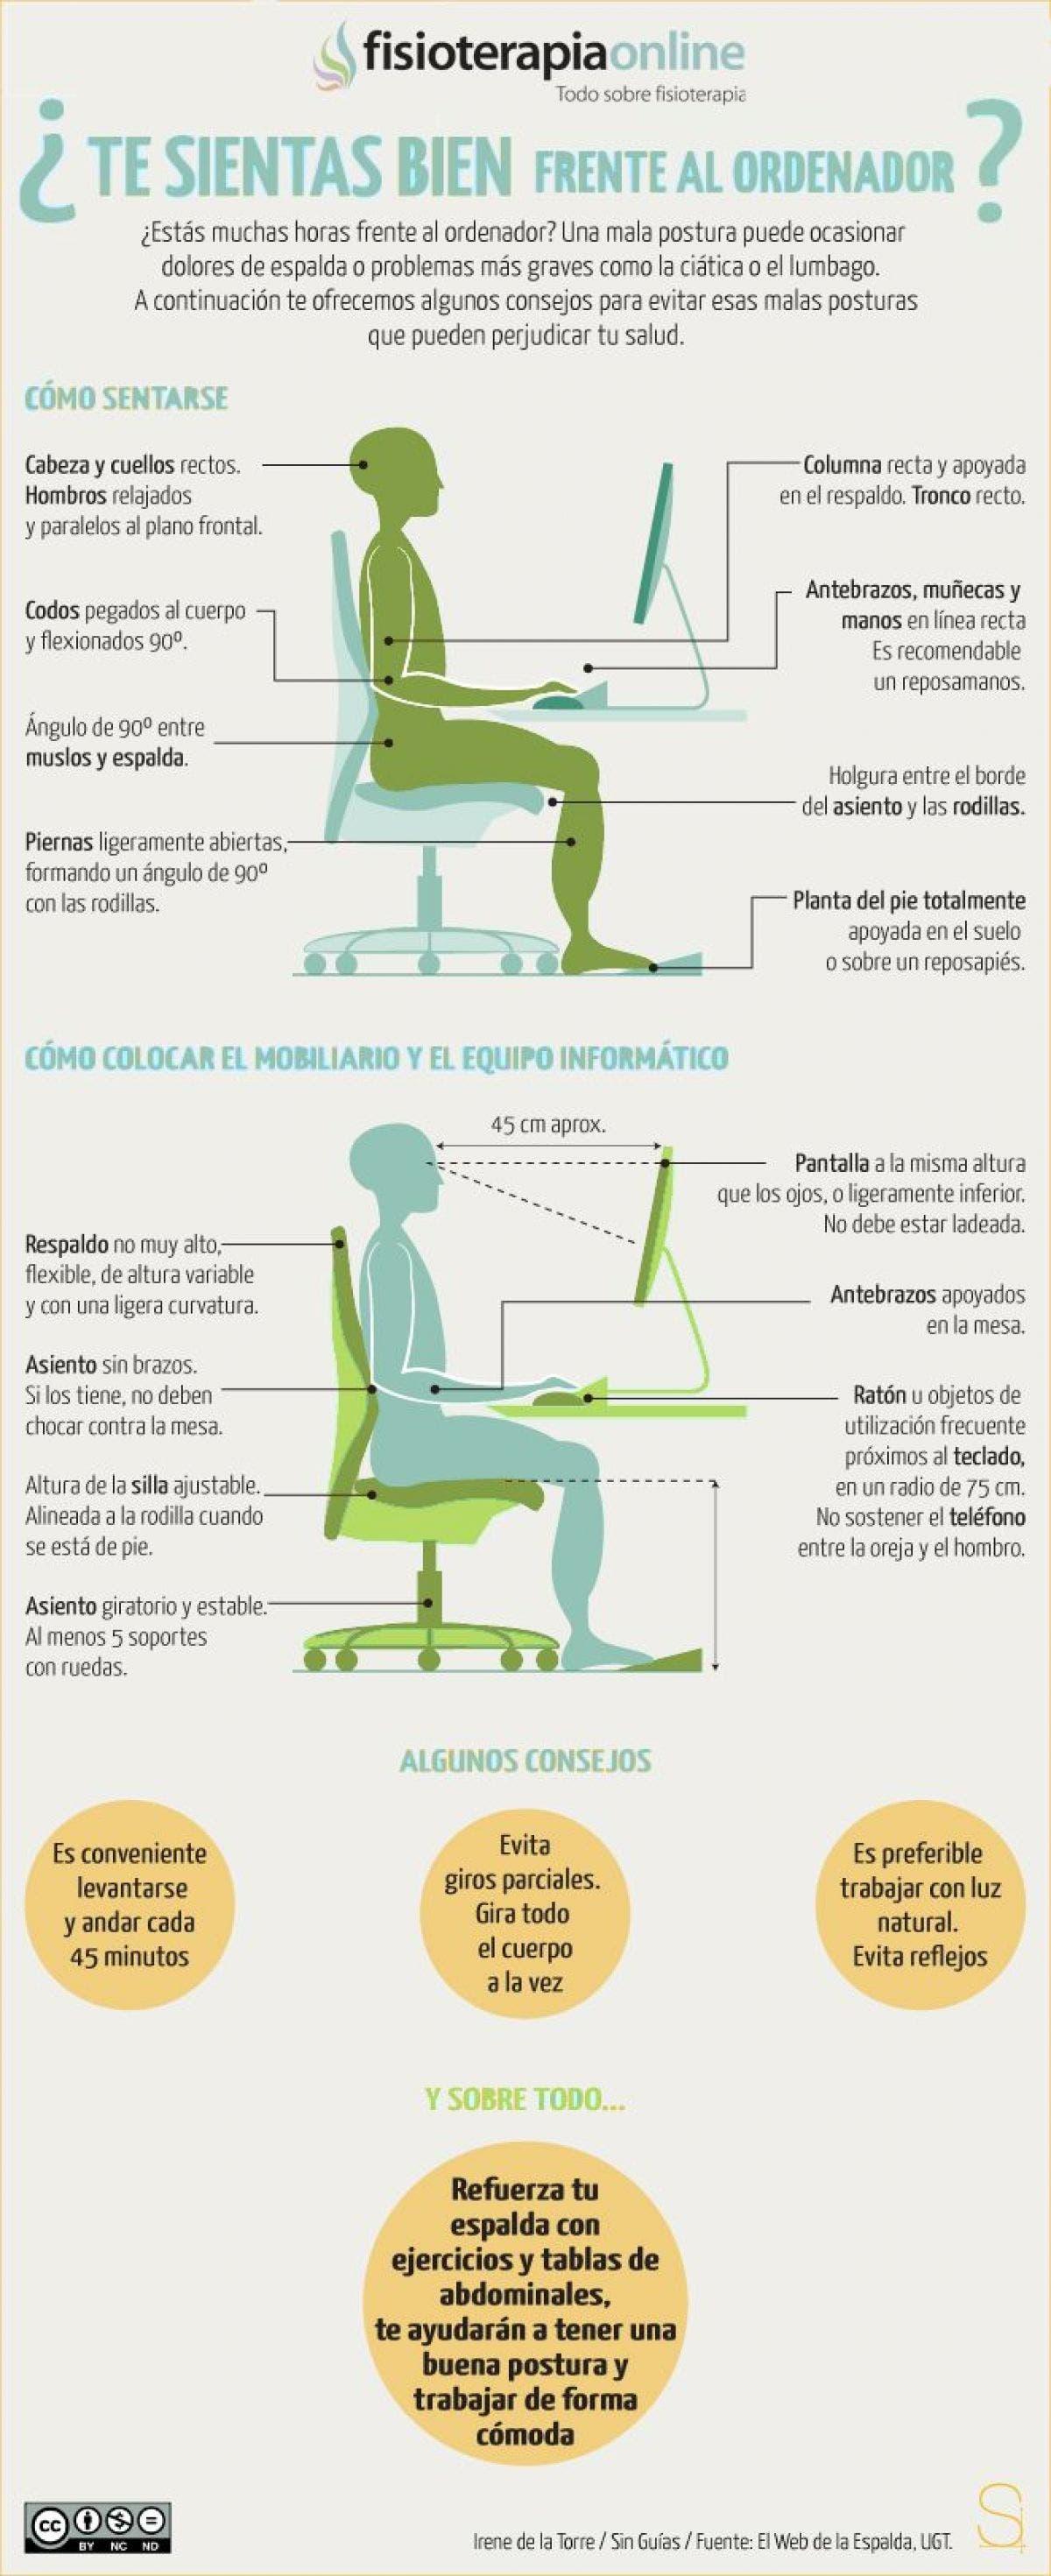 ergonoma y para sentarse bien frente al ordenador